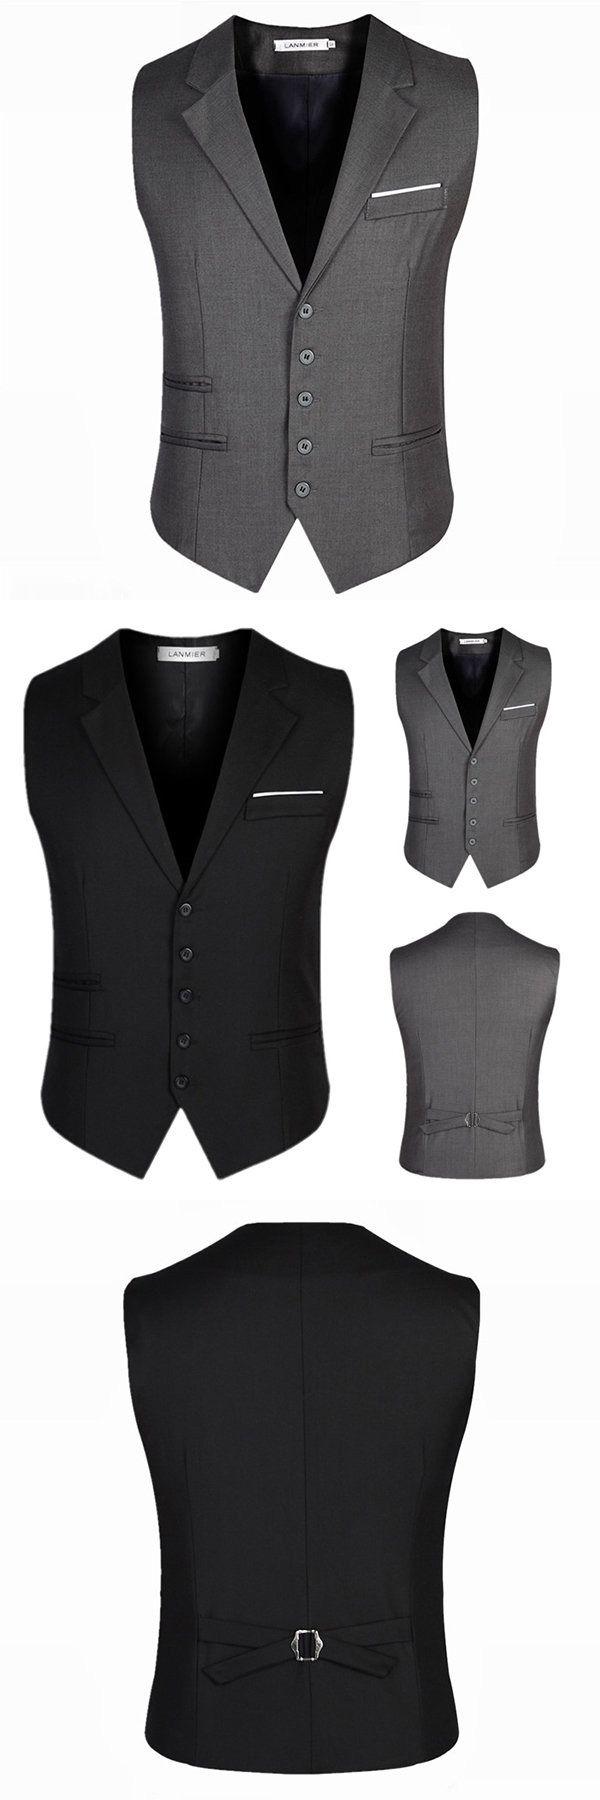 Plus Size Formal Fashion Business Suit Collar Vest Slim Fit Pure Color Waistcoats for Men